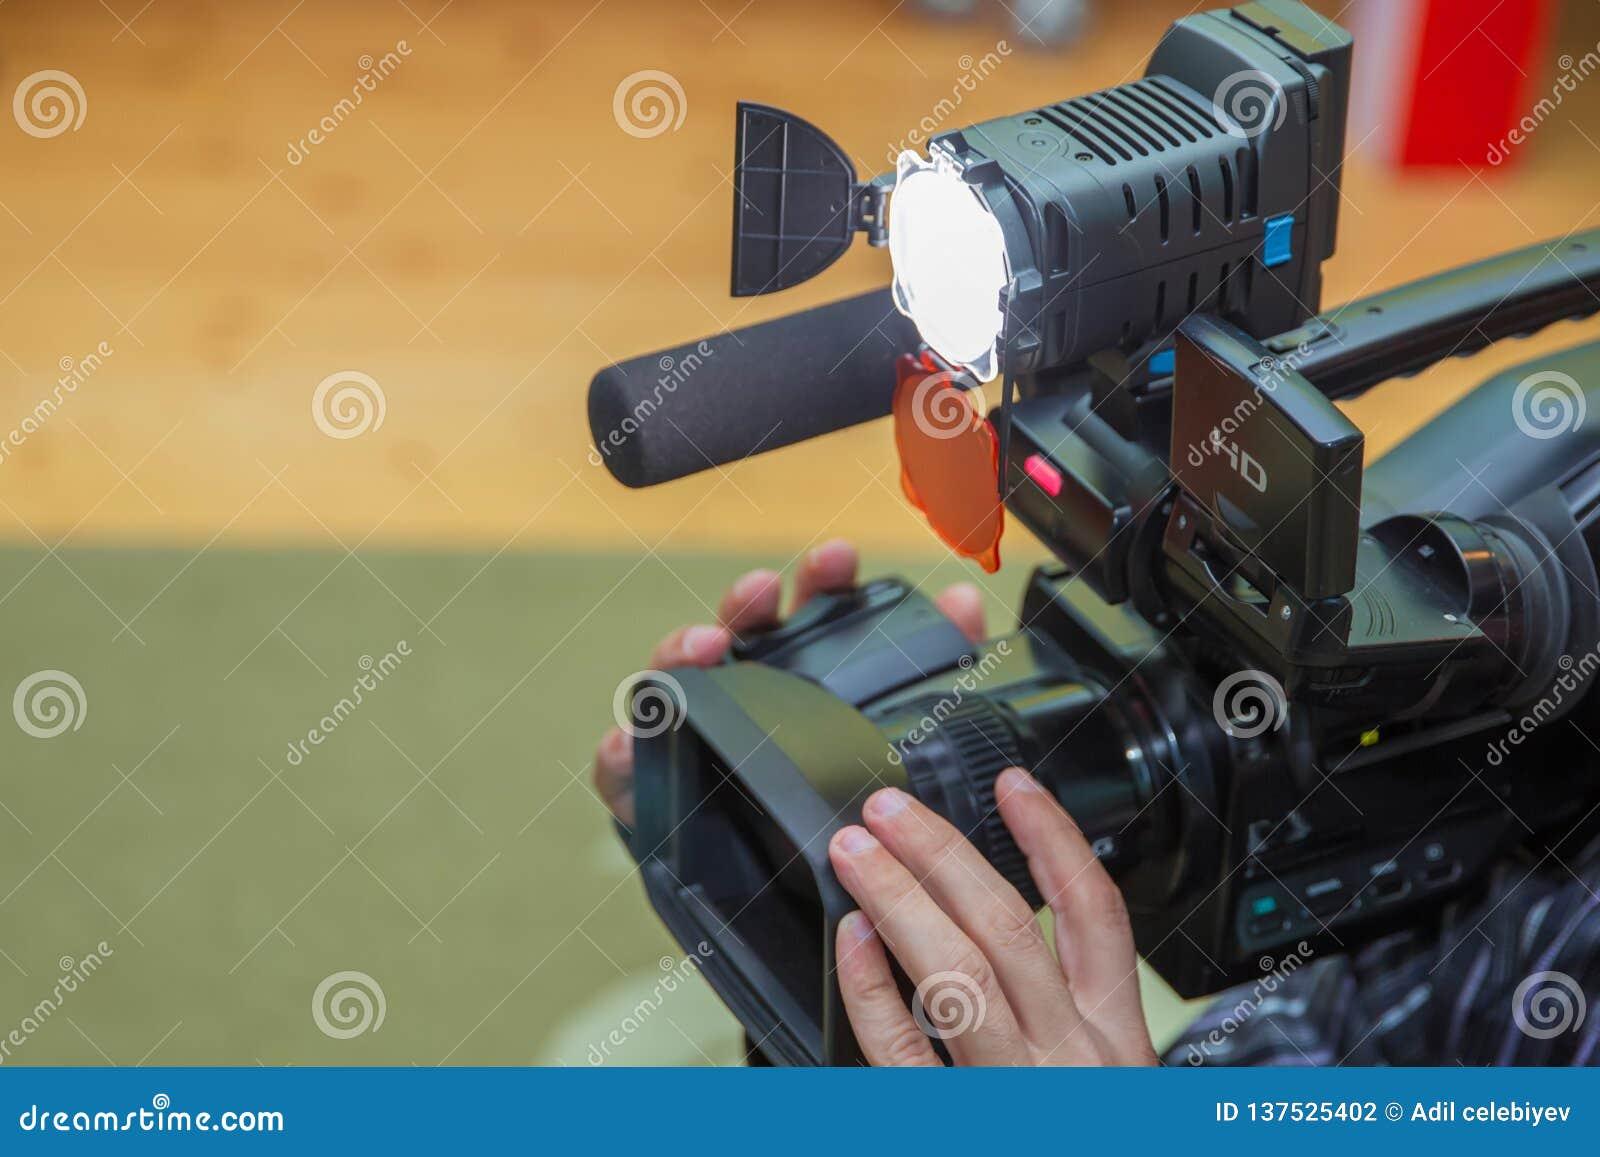 Riguardando un evento di videocamera , Videographer prende la videocamera con lo spazio della copia libera per testo , Operatore